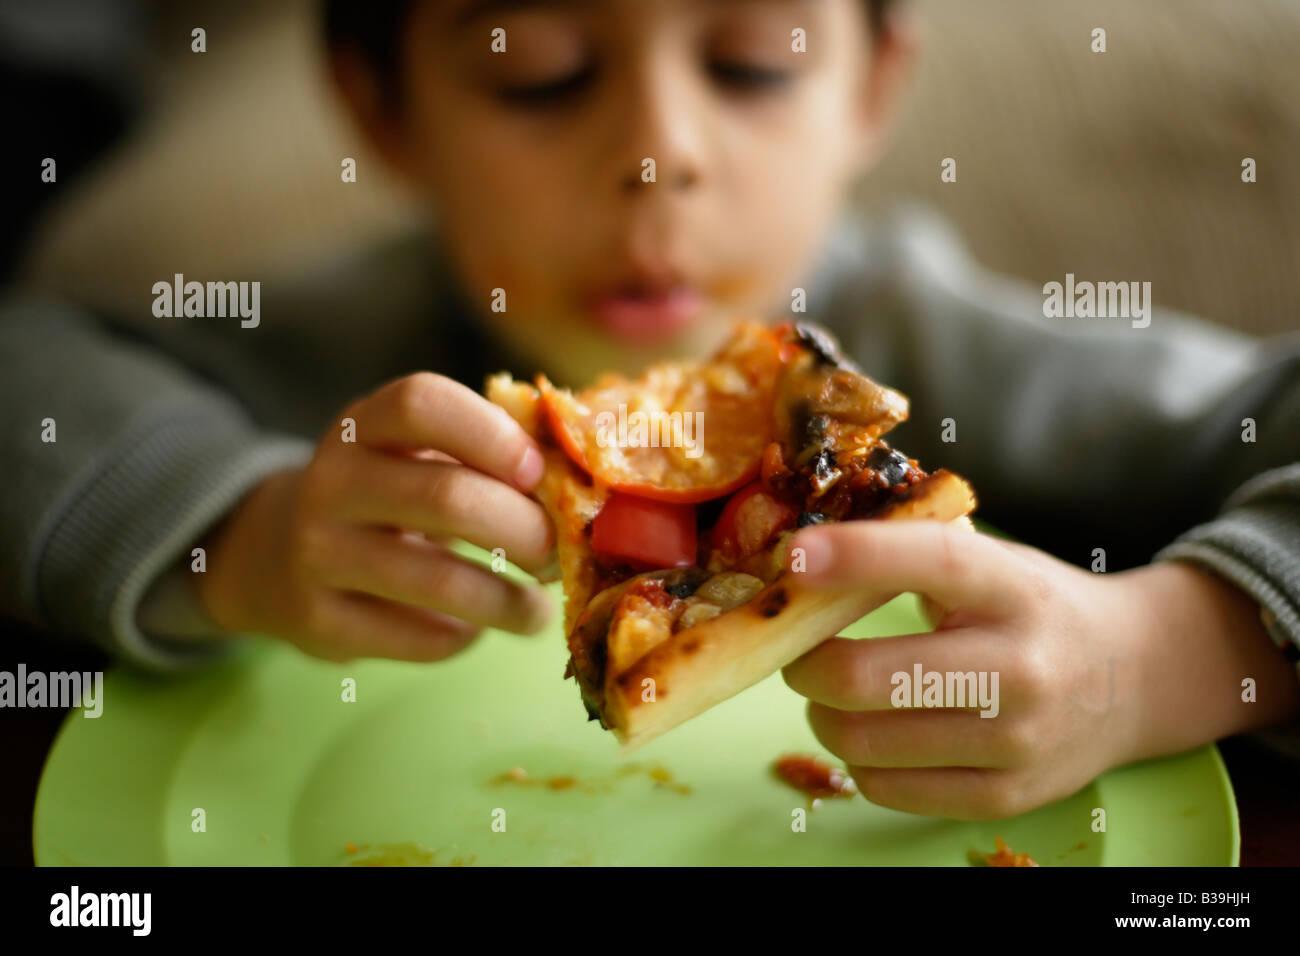 Pizze 6 anno vecchio ragazzo si infila in una fetta di sua madre s home la cottura di razza mista di etnia indiana Immagini Stock